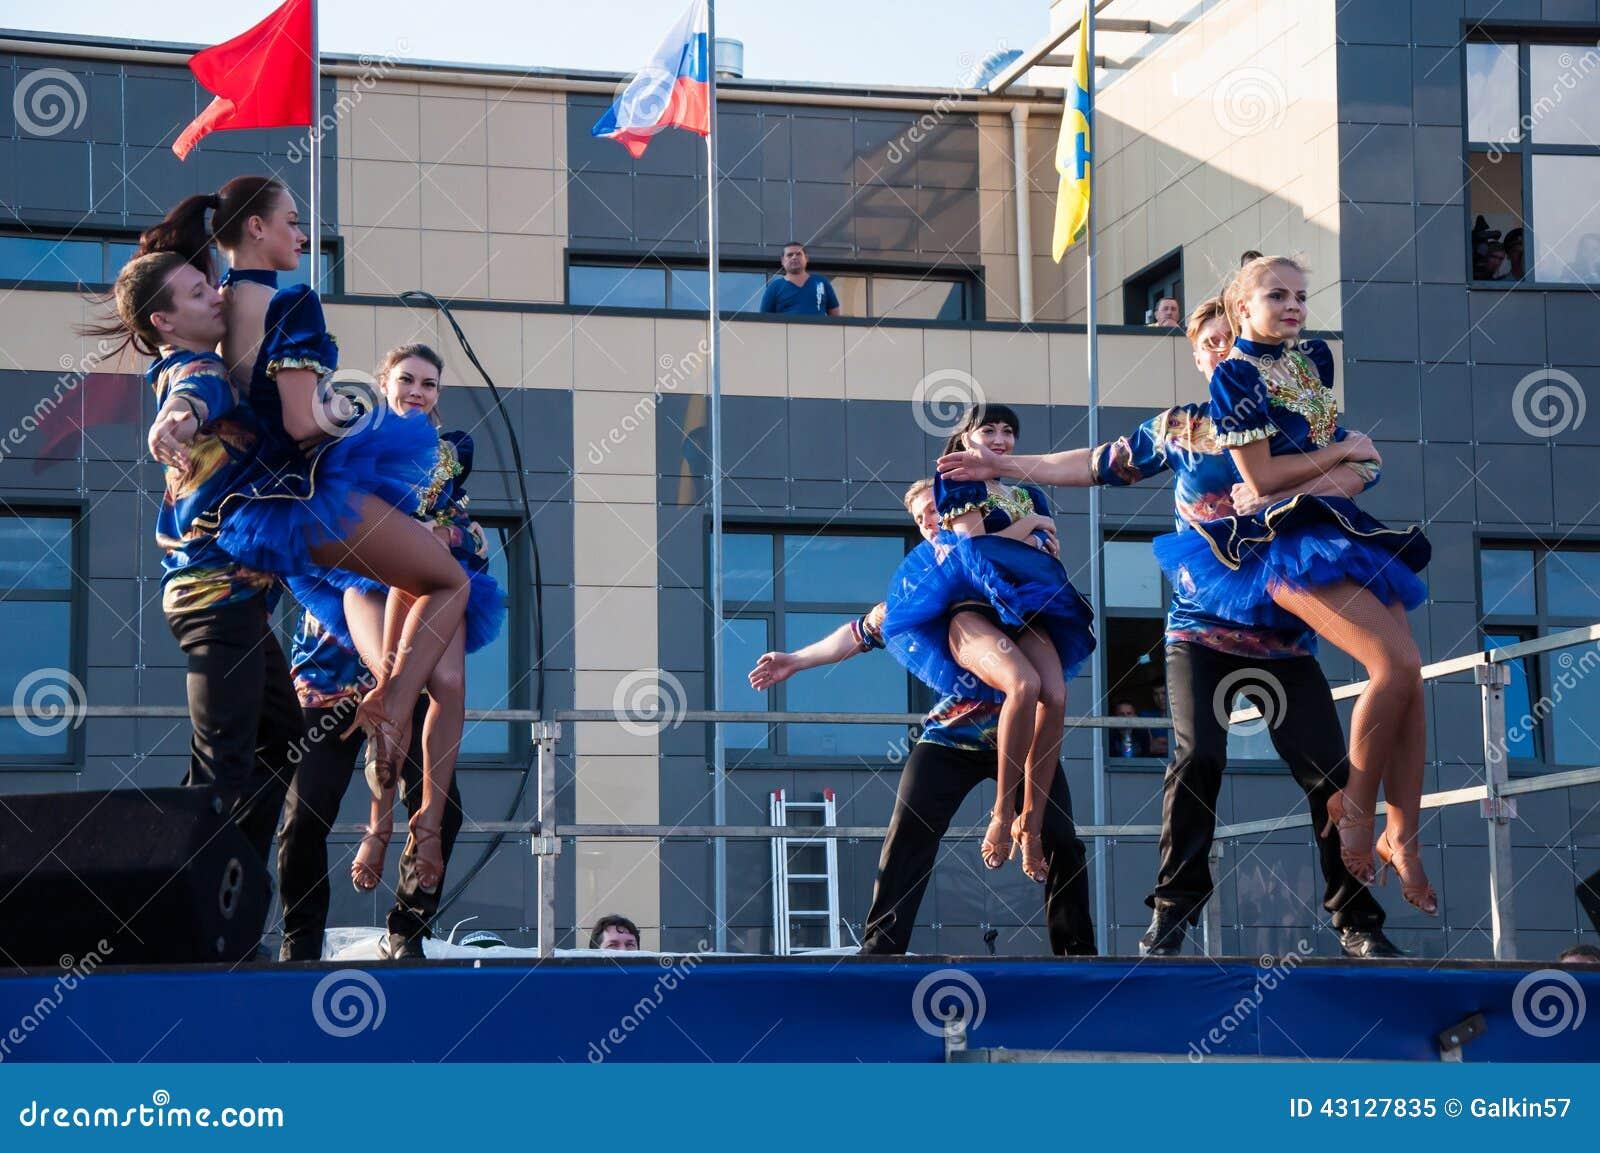 Russischer Volkstanz wird im Offenen Himmel durchgeführt